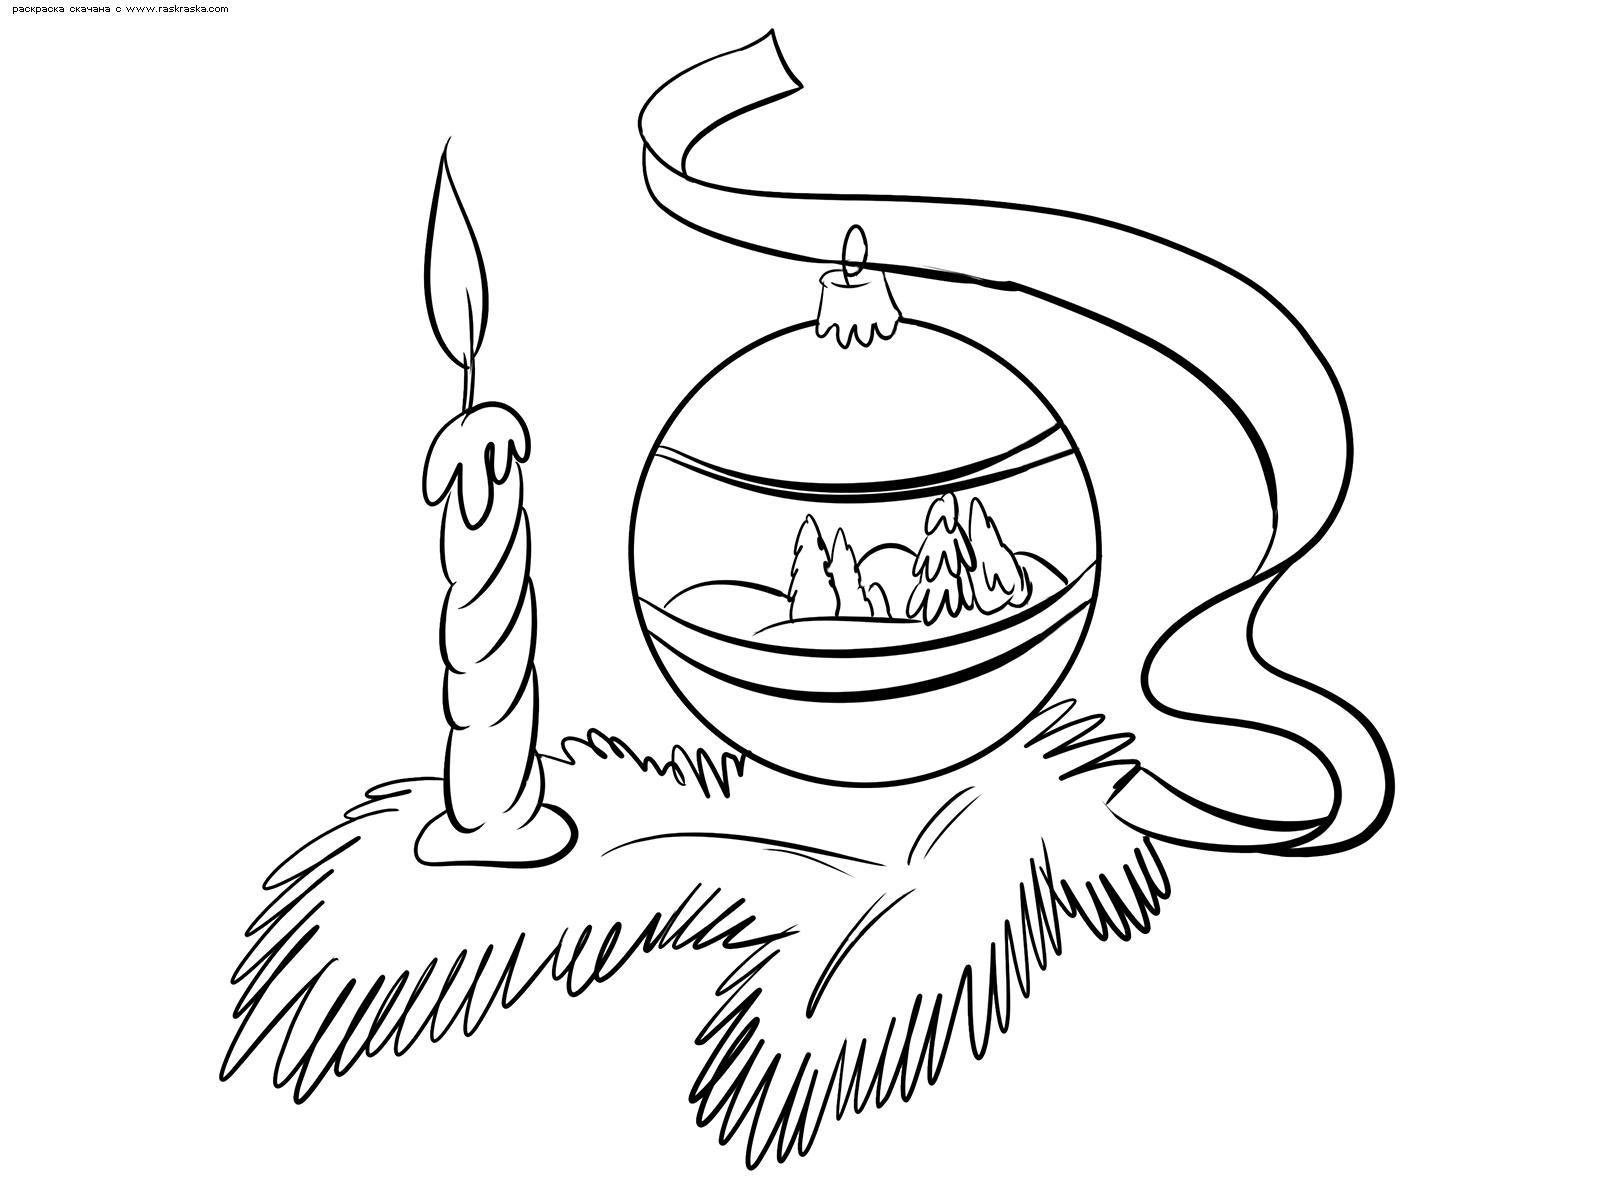 Раскраска Рождество. Раскраска елочный шар, свеча, ель